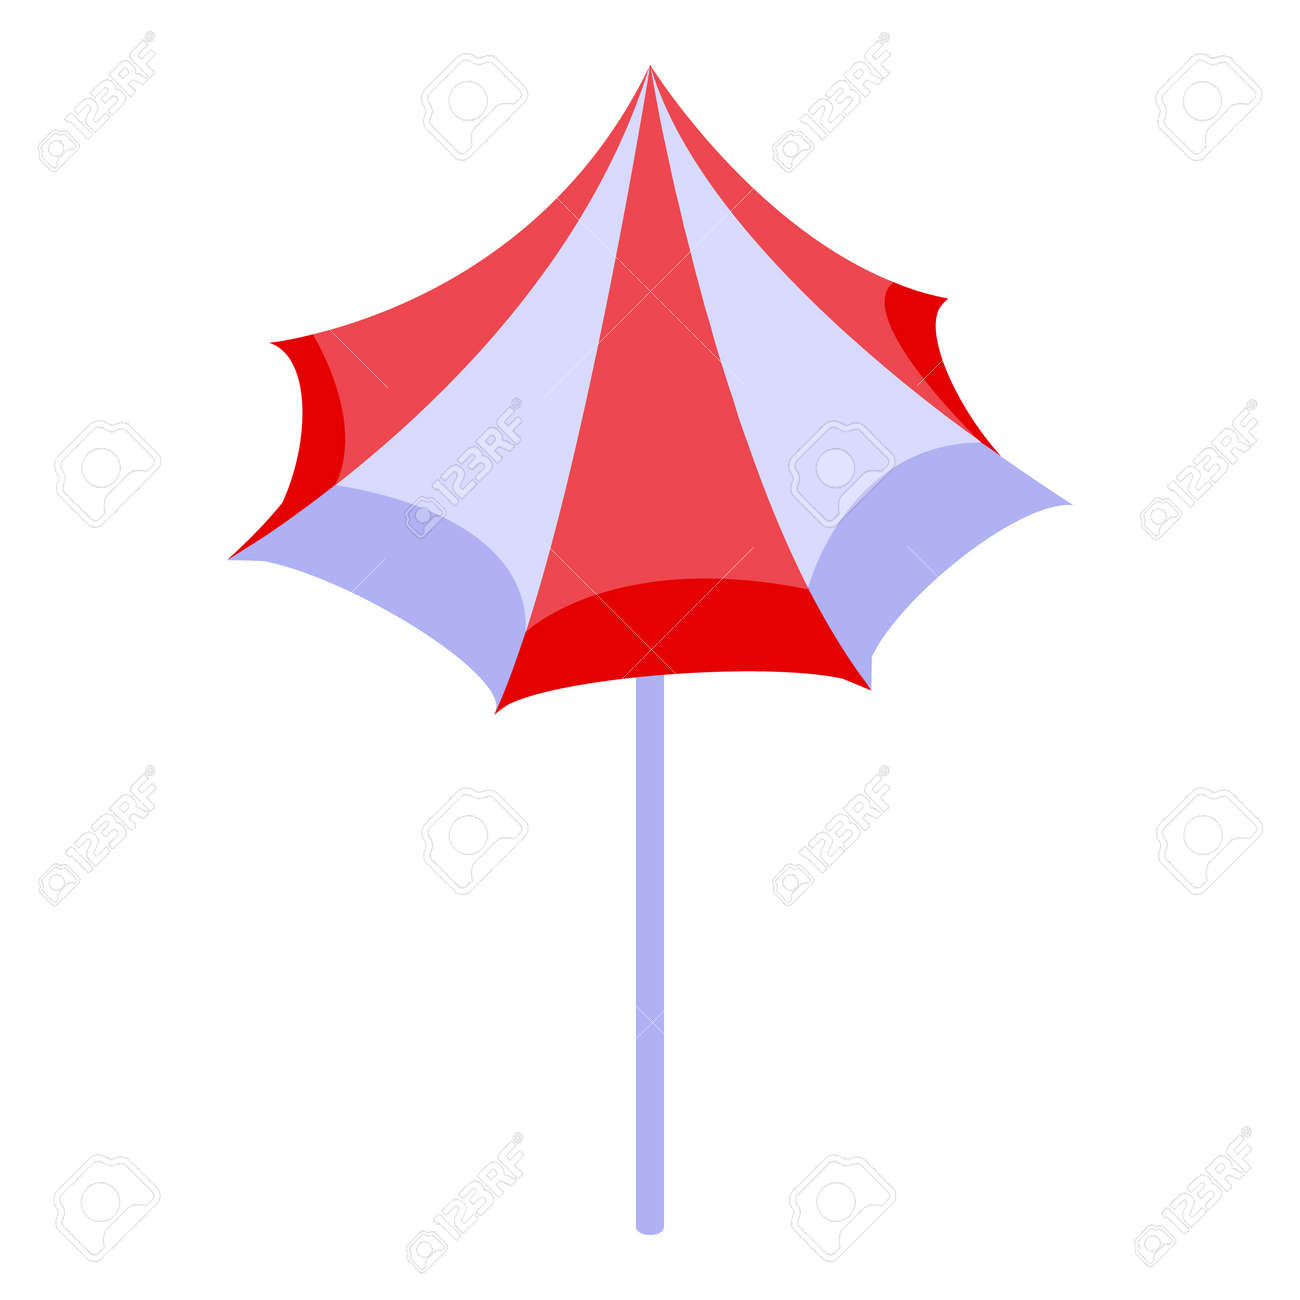 Beach umbrella icon, isometric style - 156894738